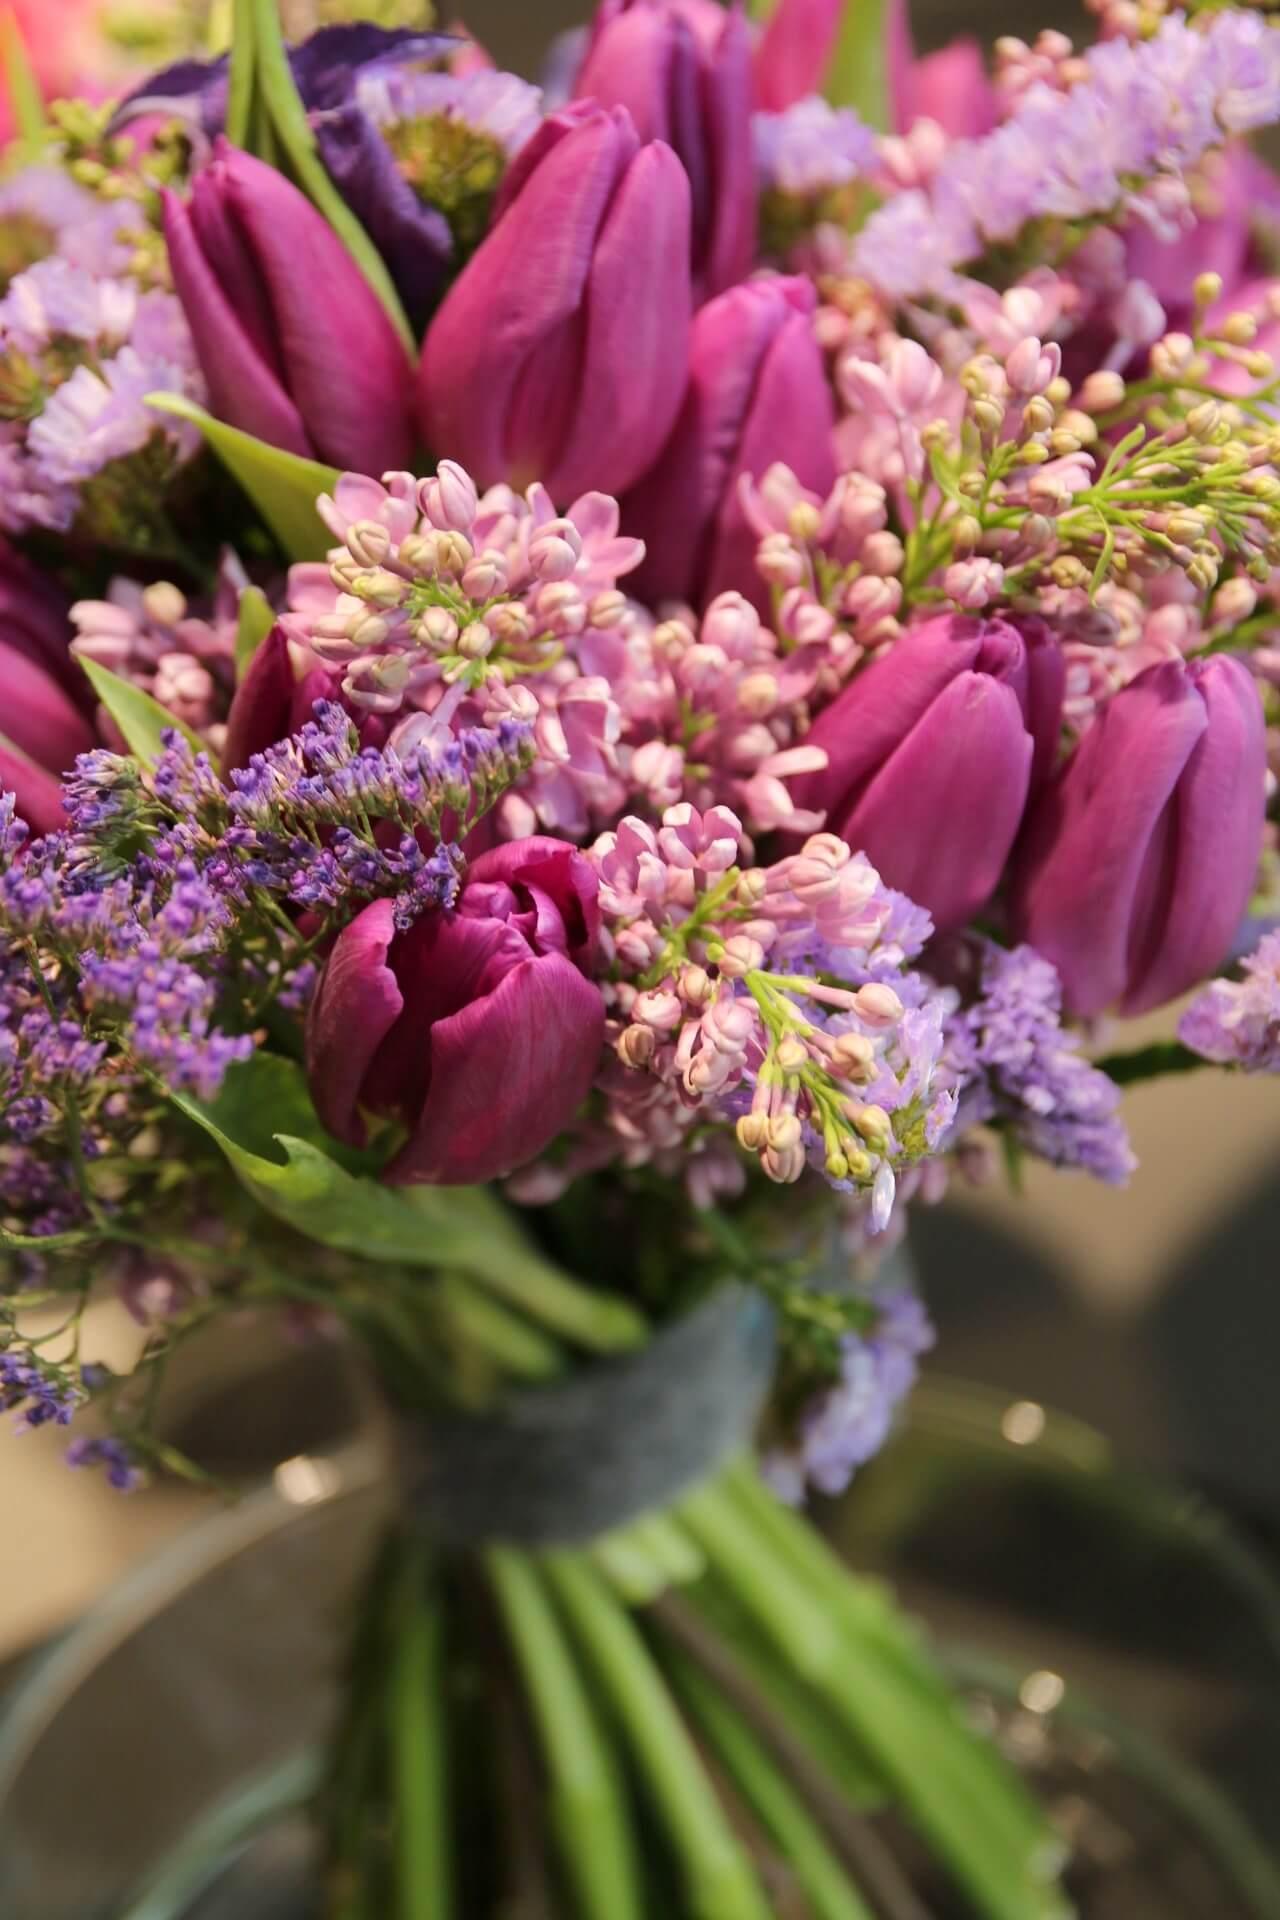 Lilat tulppaanit on sidottu tiiviiksi kimpuksi syreenien ja ikiviuhkon kanssa.